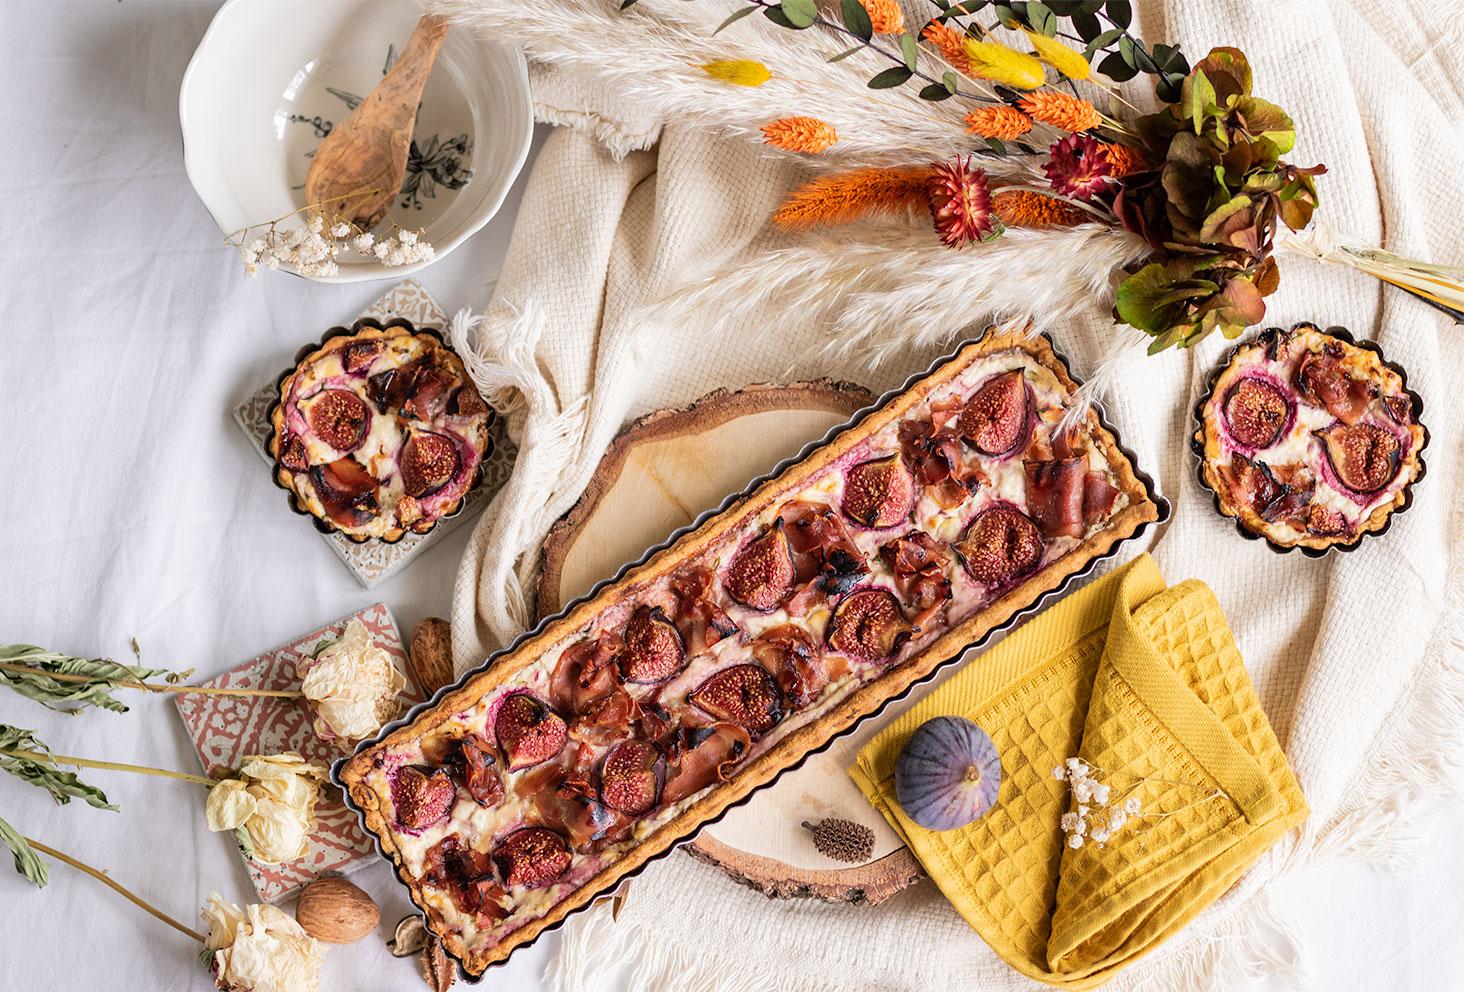 La tarte aux figues, jambon et chèvre frais, parfaite pour l'automne, posé sur un rondin de bois vue de haut dans un décor d'automne